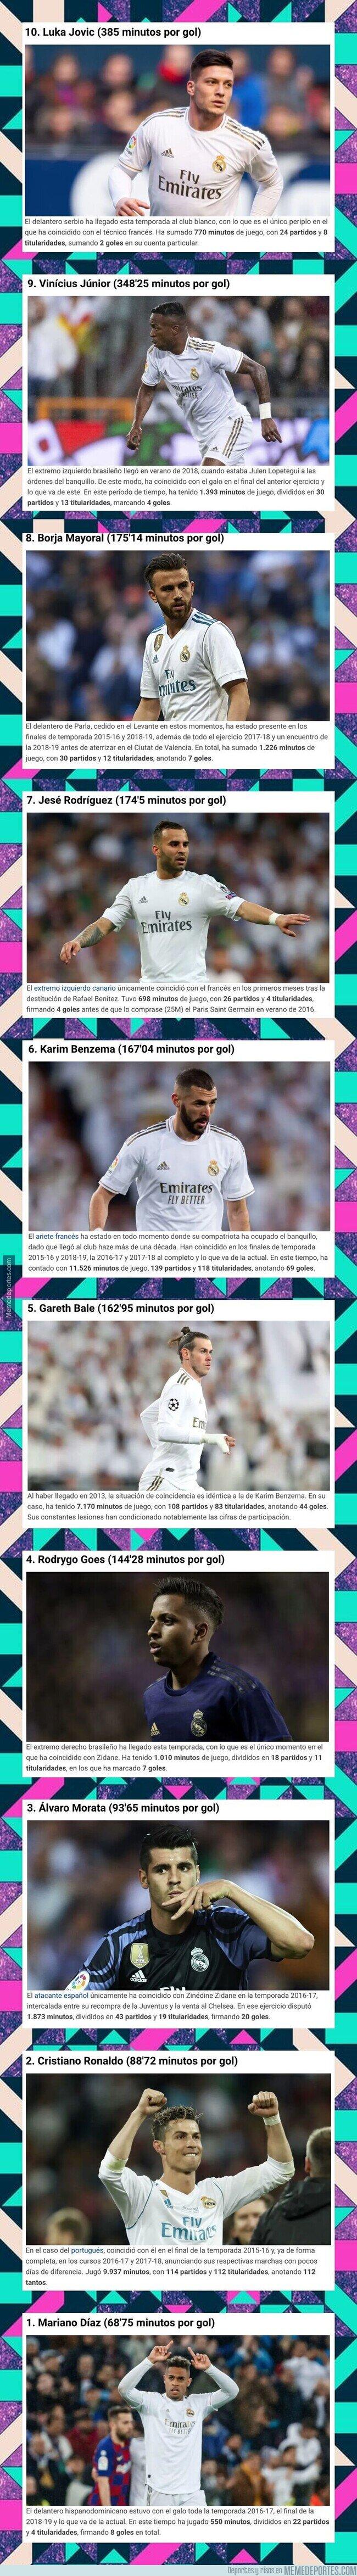 1099825 - Estos son los 10 delanteros con mejor promedio de gol en la era Zidane